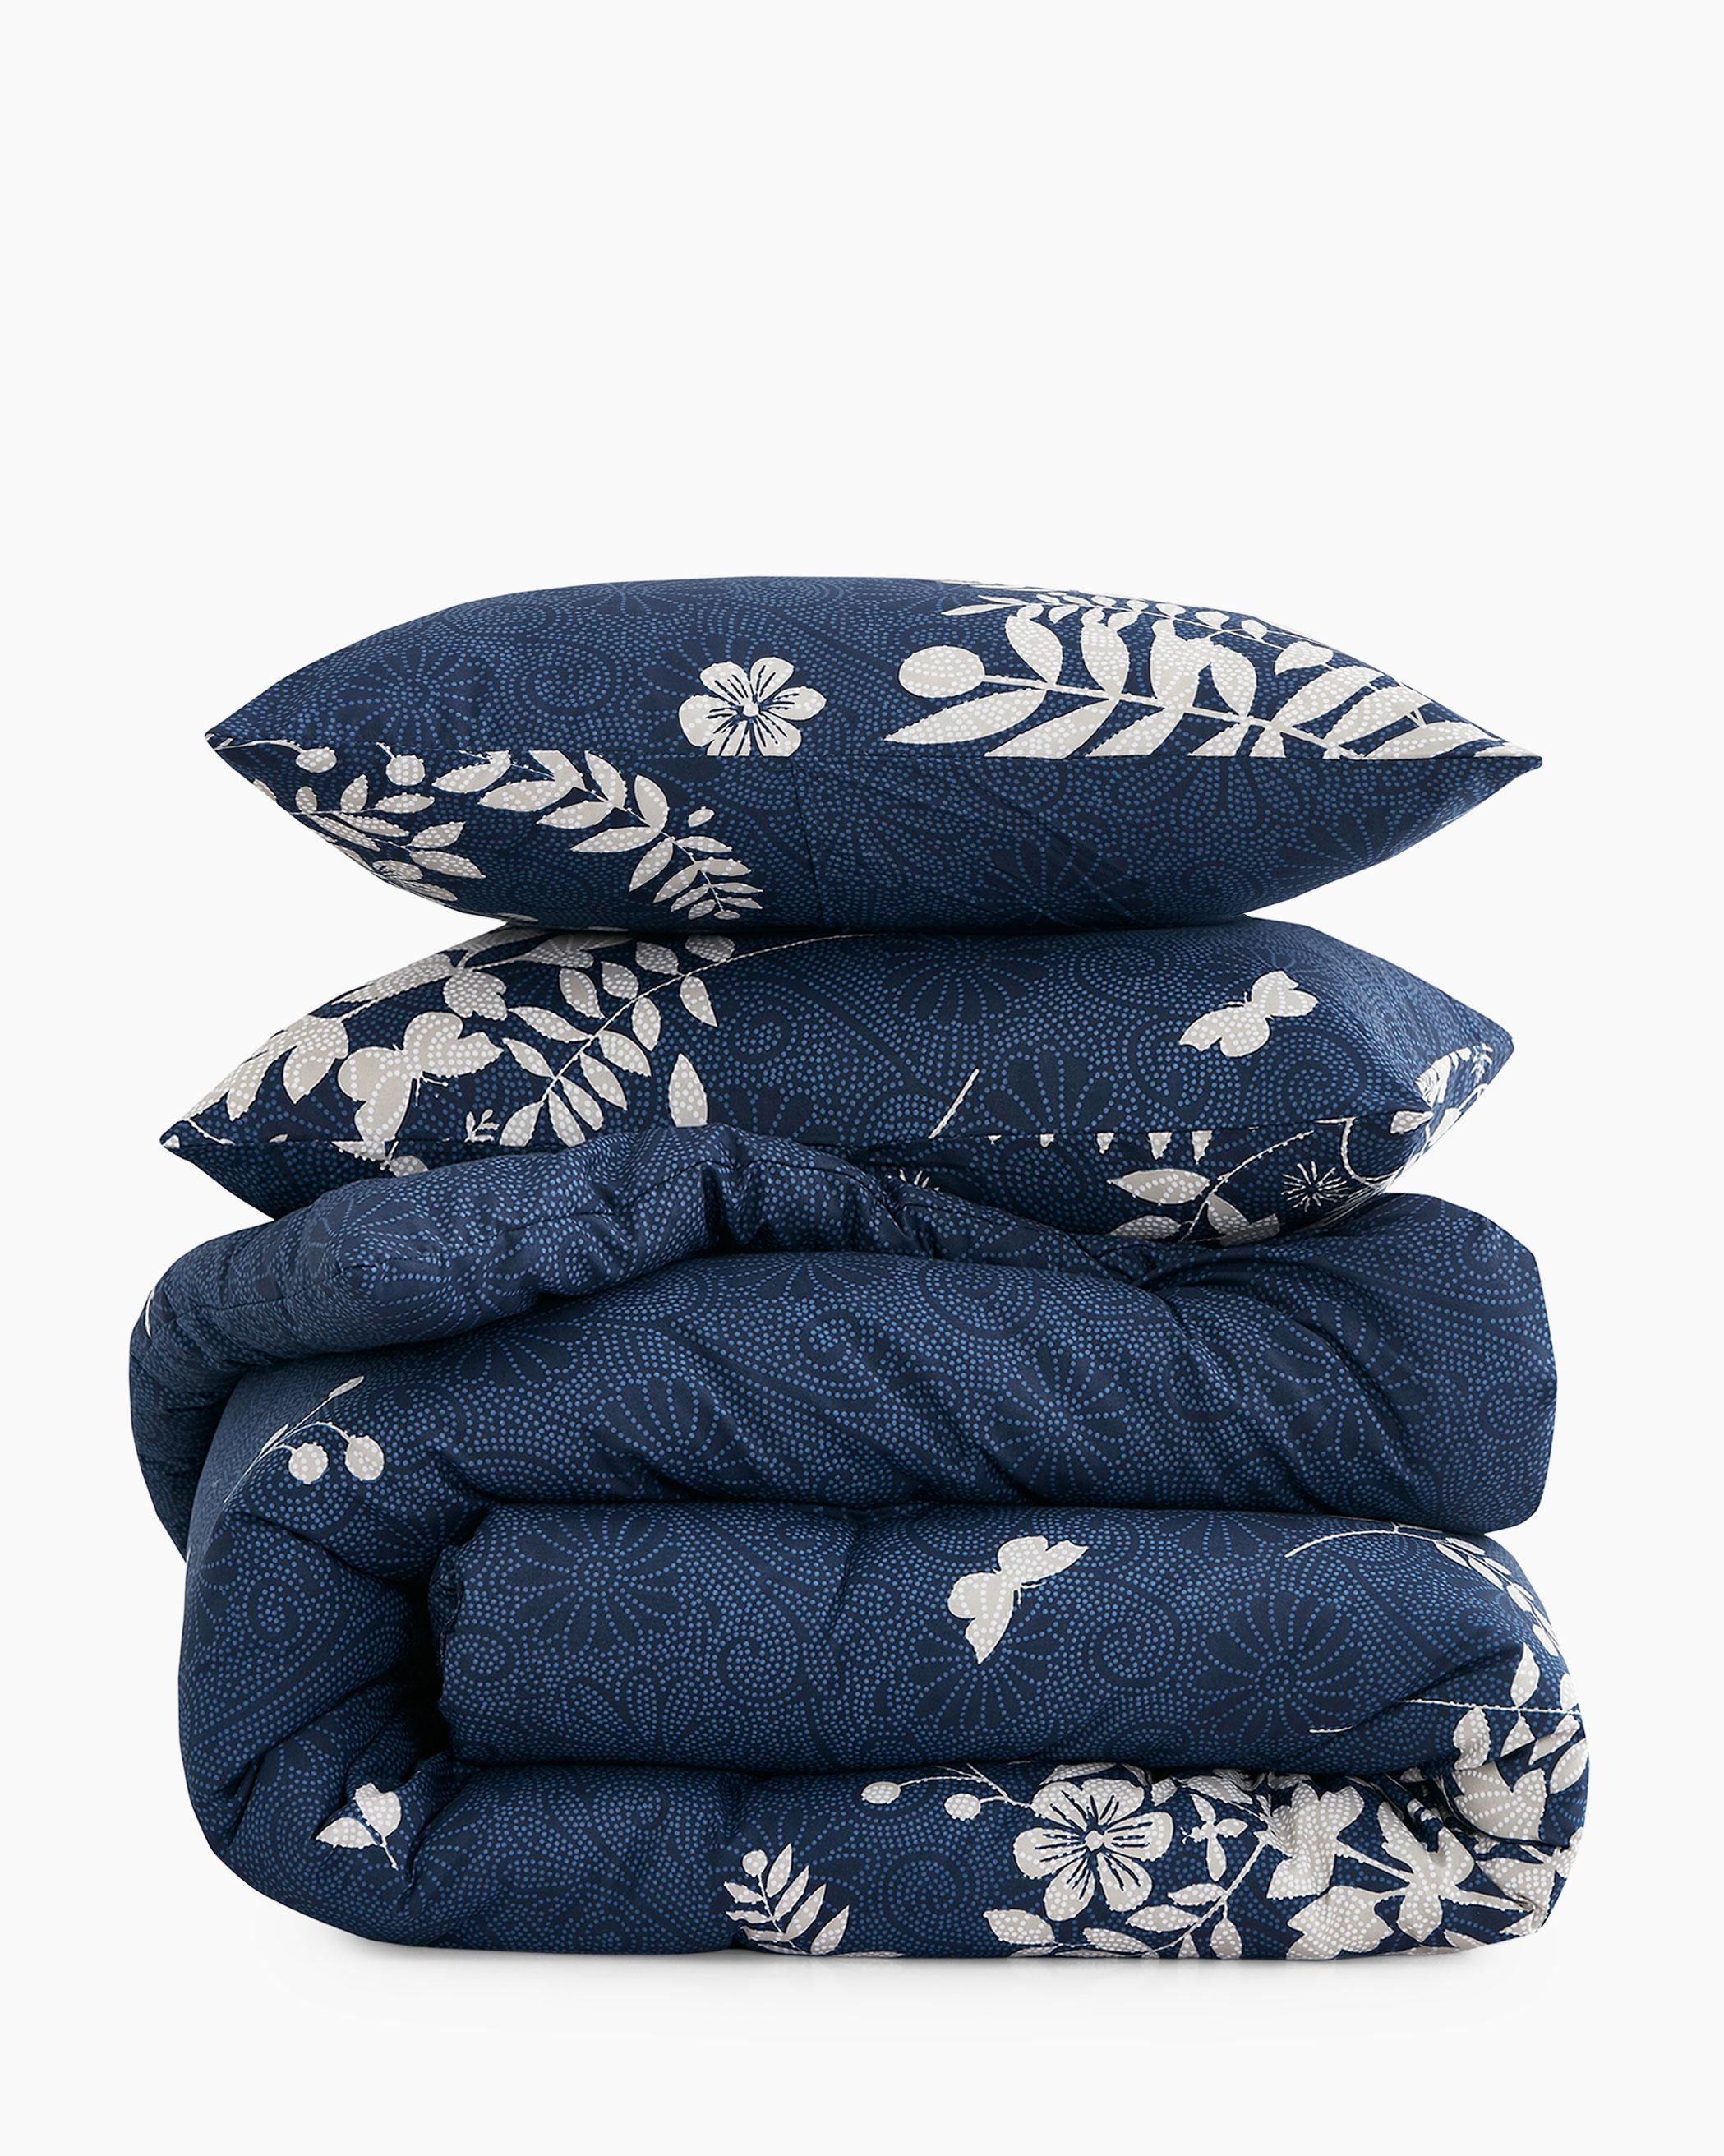 Navy Blue Floral Microfiber Comforter Set